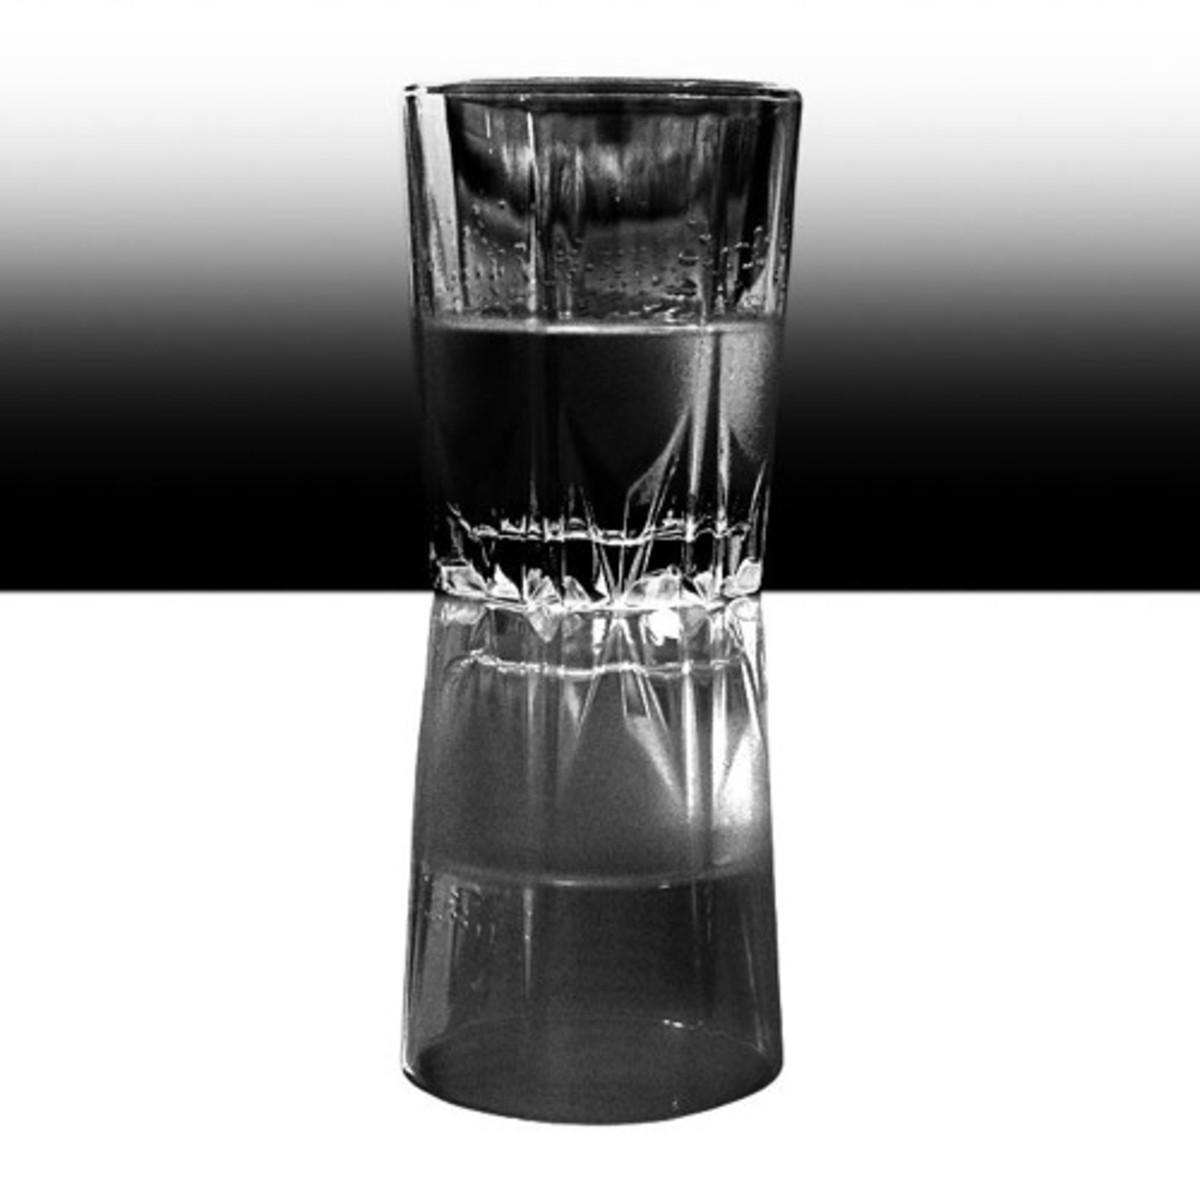 jon-connor-fresh-water-for-flint.jpg